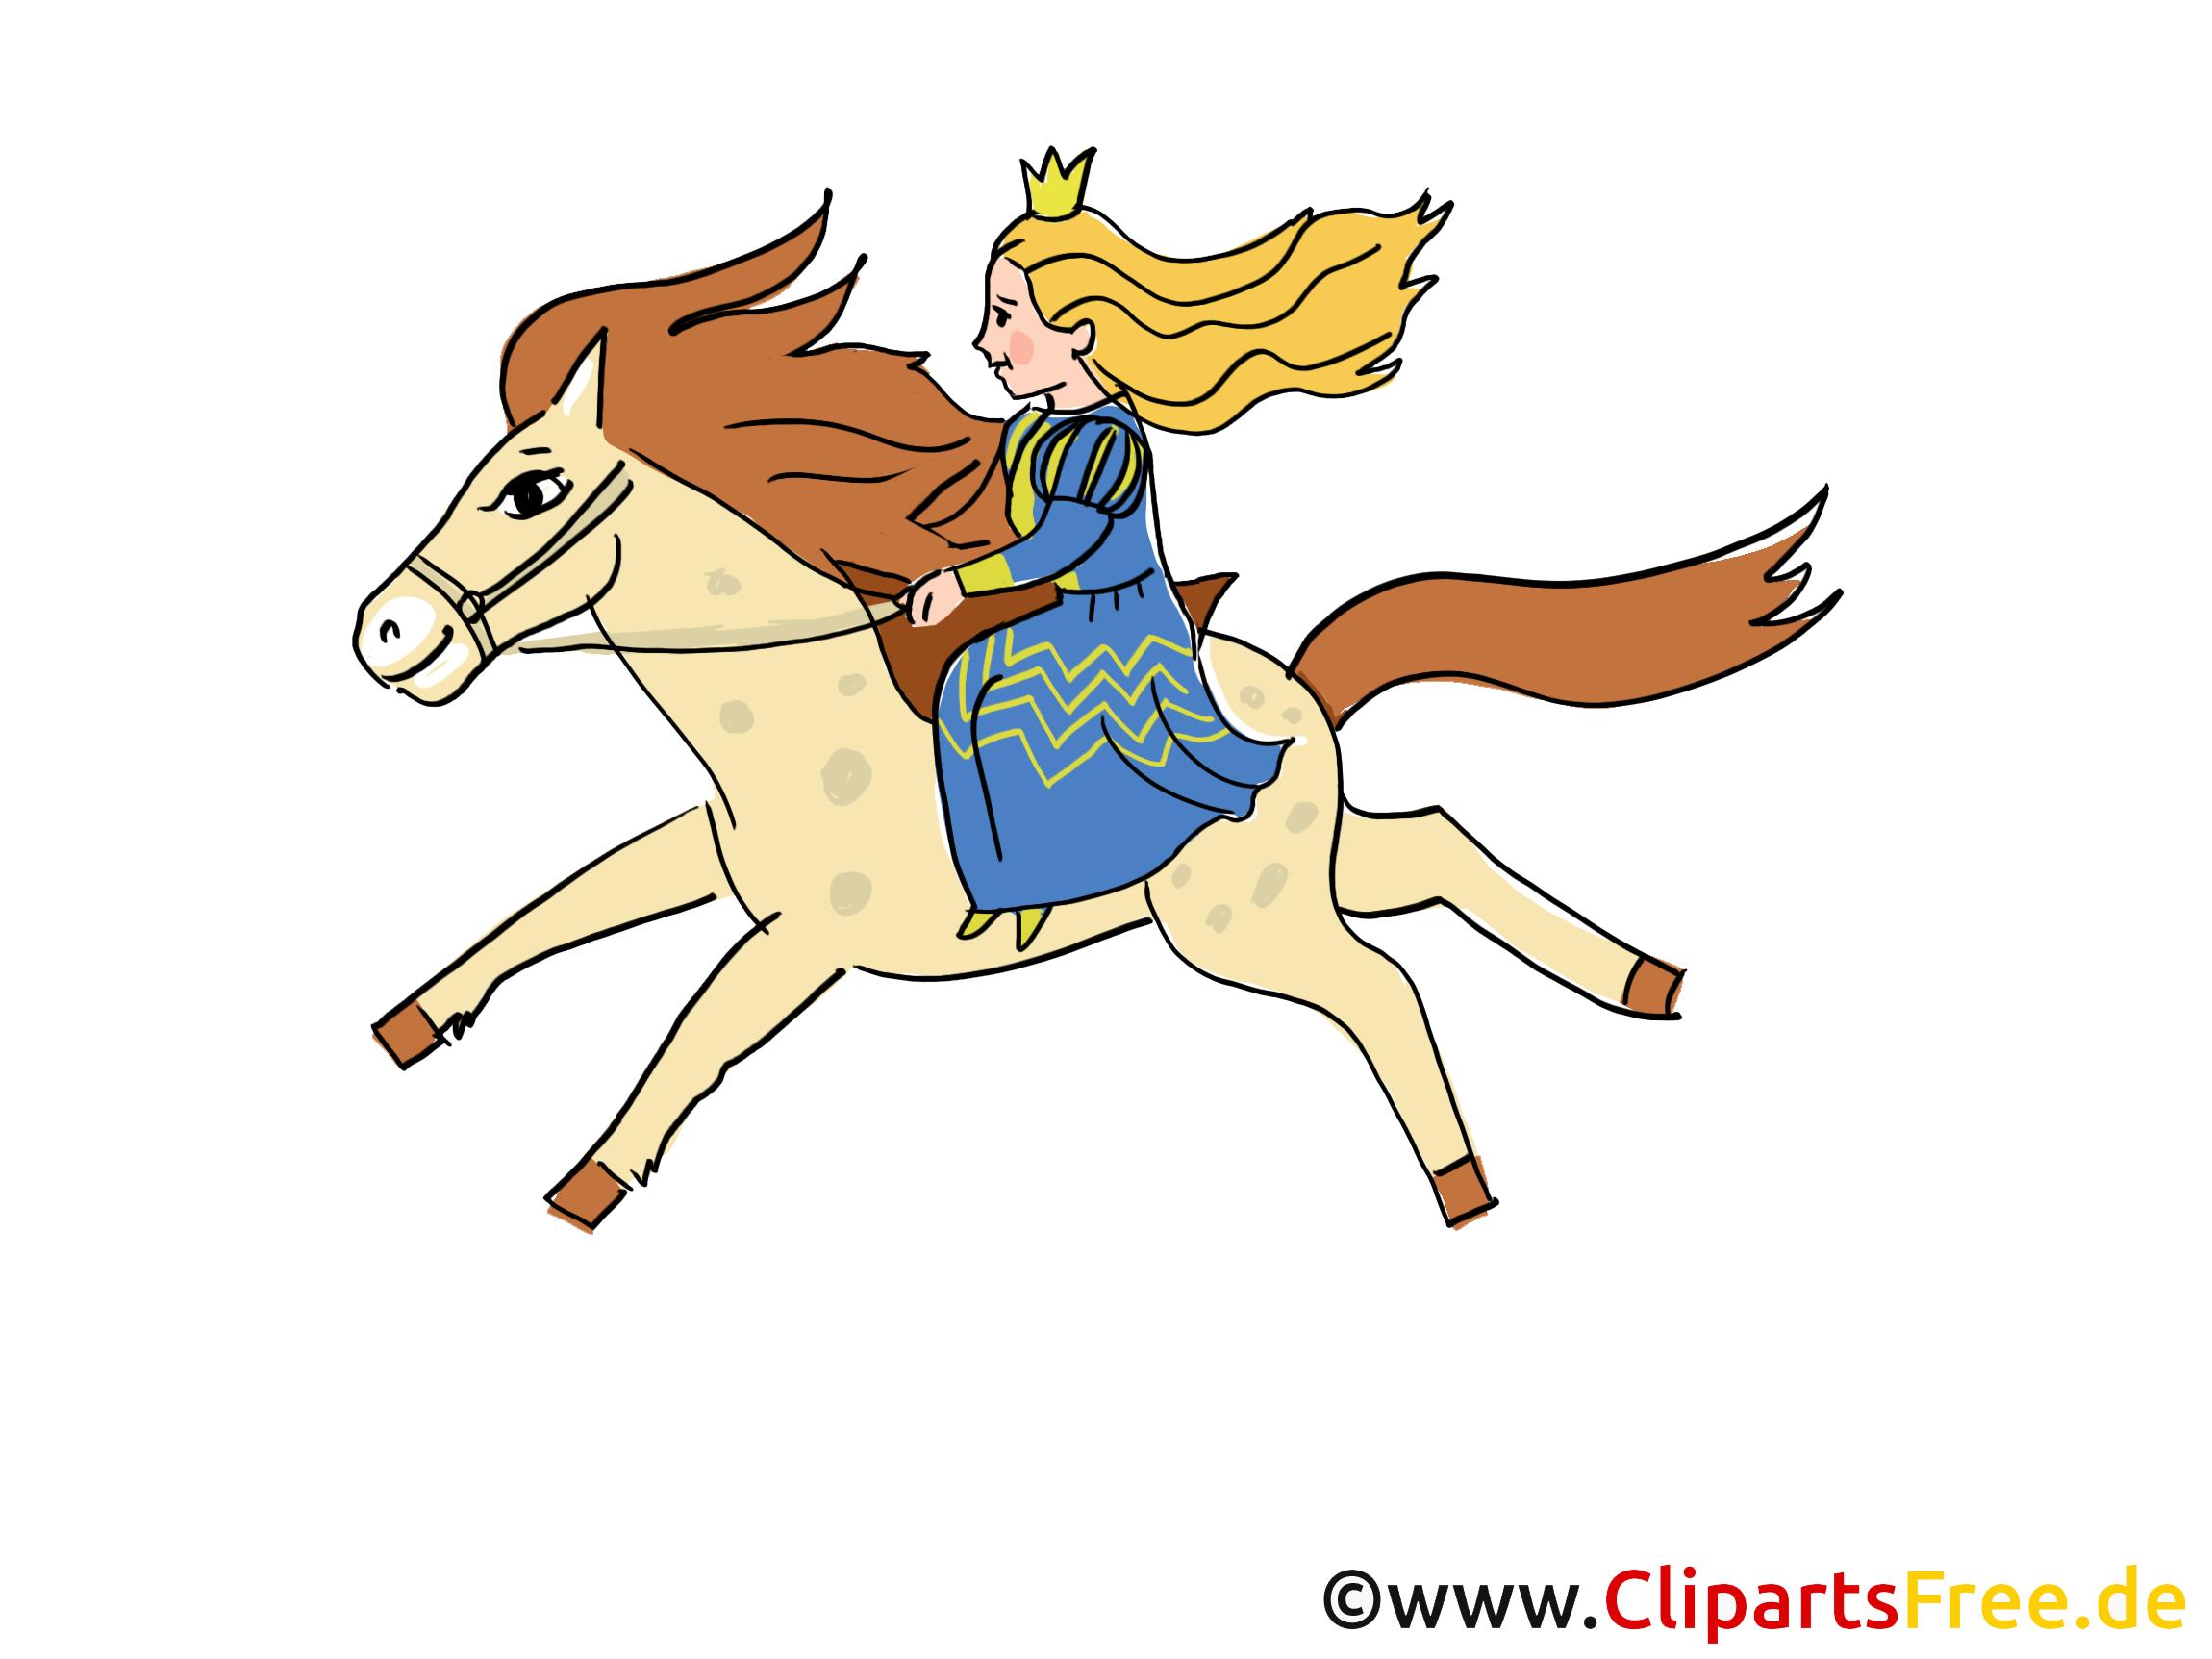 Prinses rijdt op het paard - afbeeldingen van sprookjesfiguren